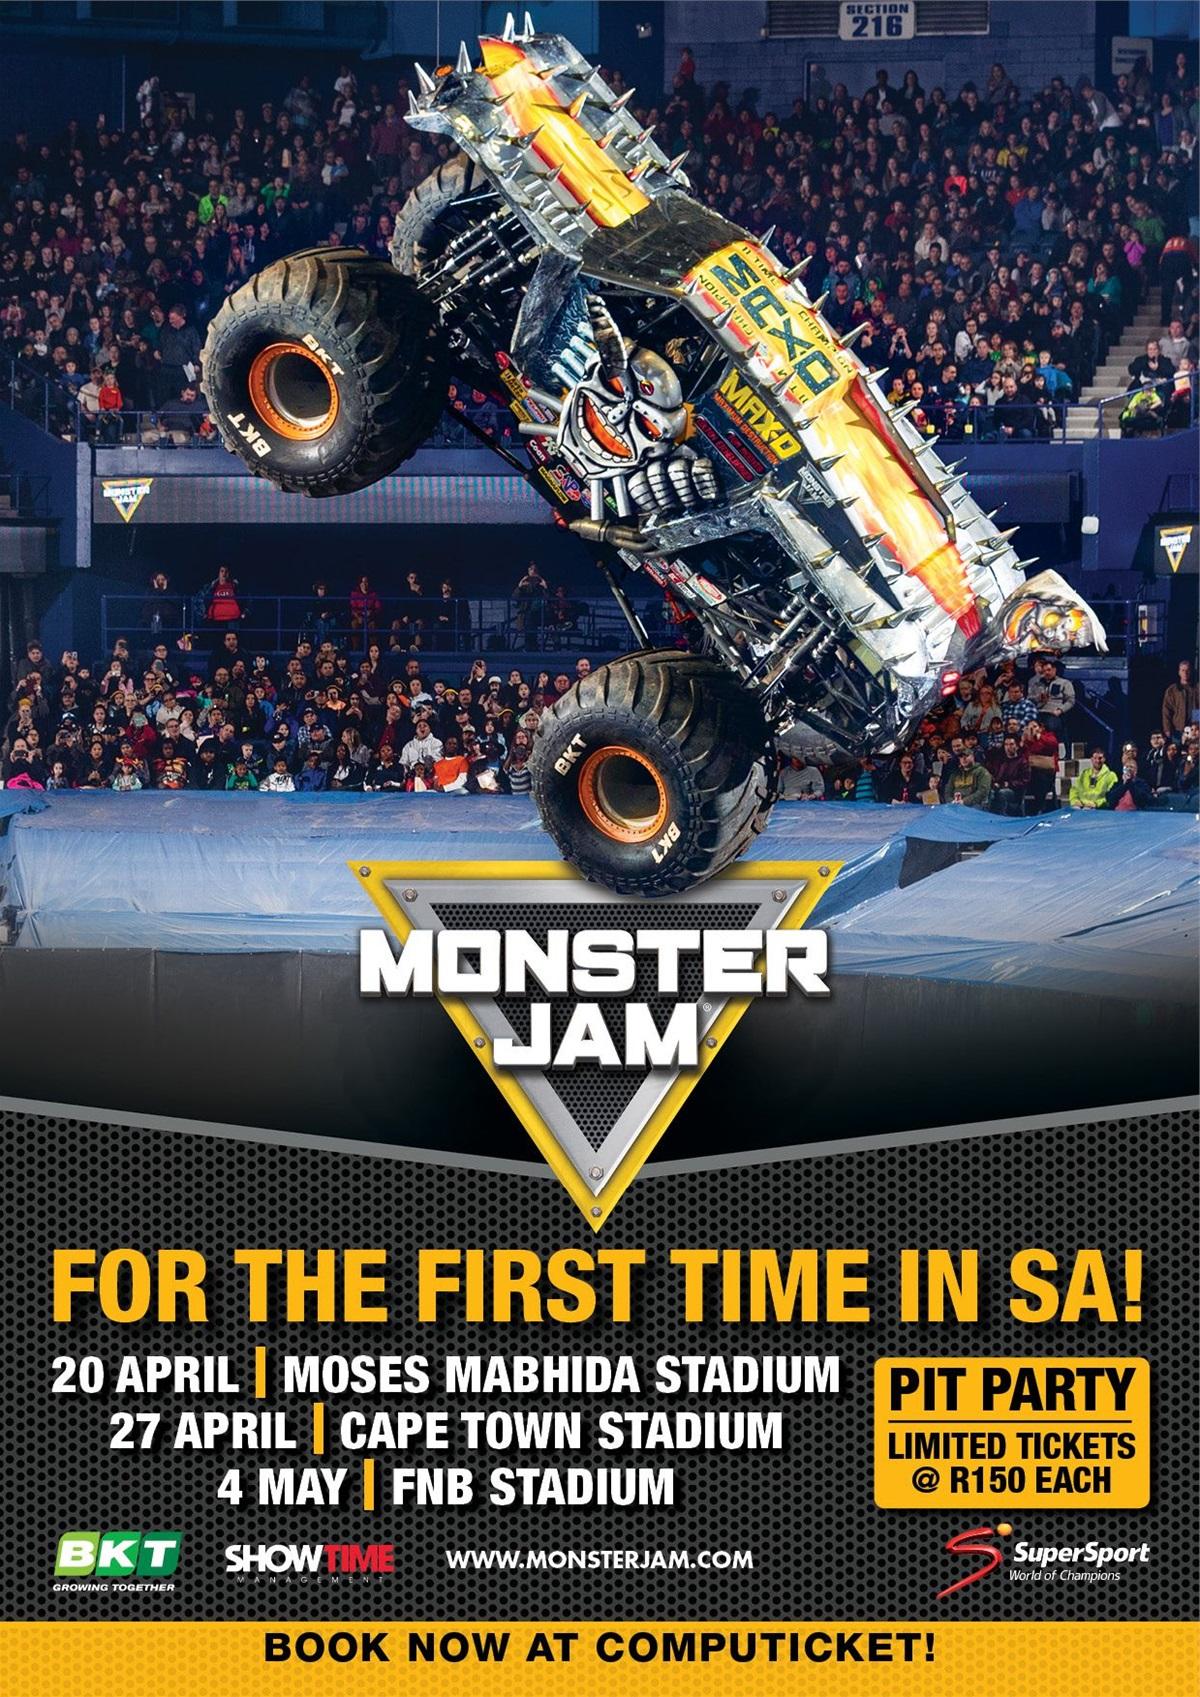 Monster Jam To Make Sa Debut With 8 Larger-than-life Trucks photo